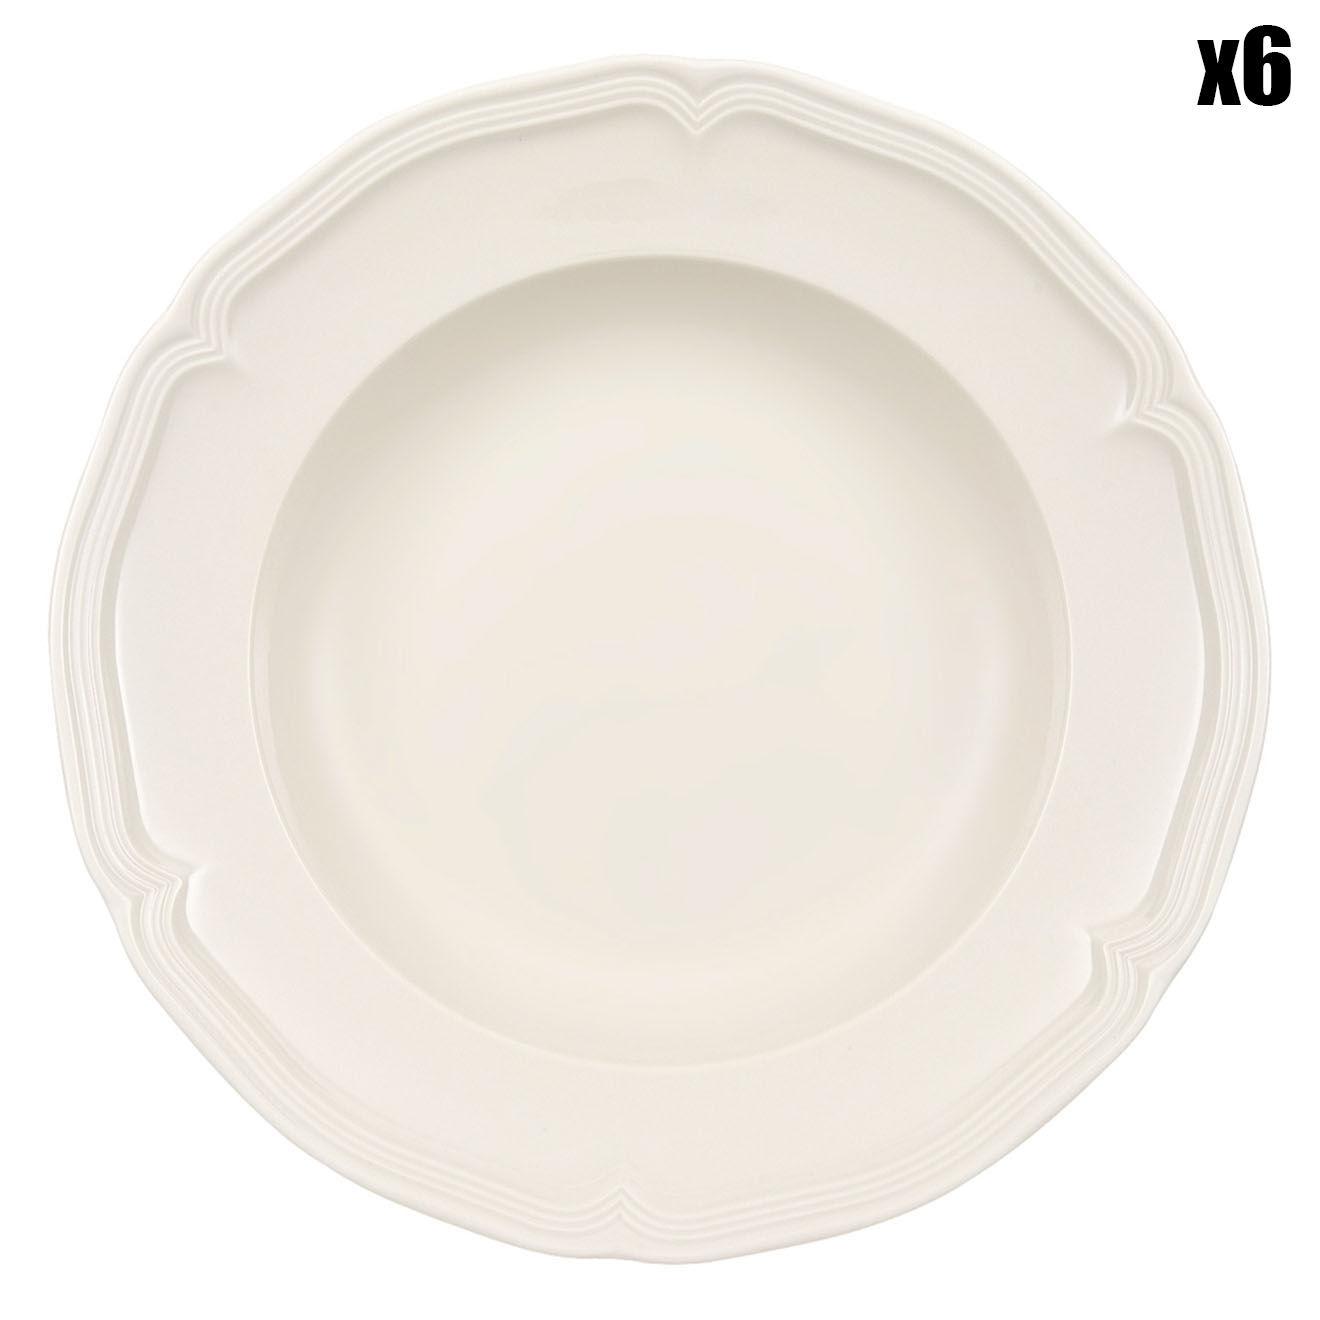 6 Assiettes creuses Manoir blanches - D.23 cm